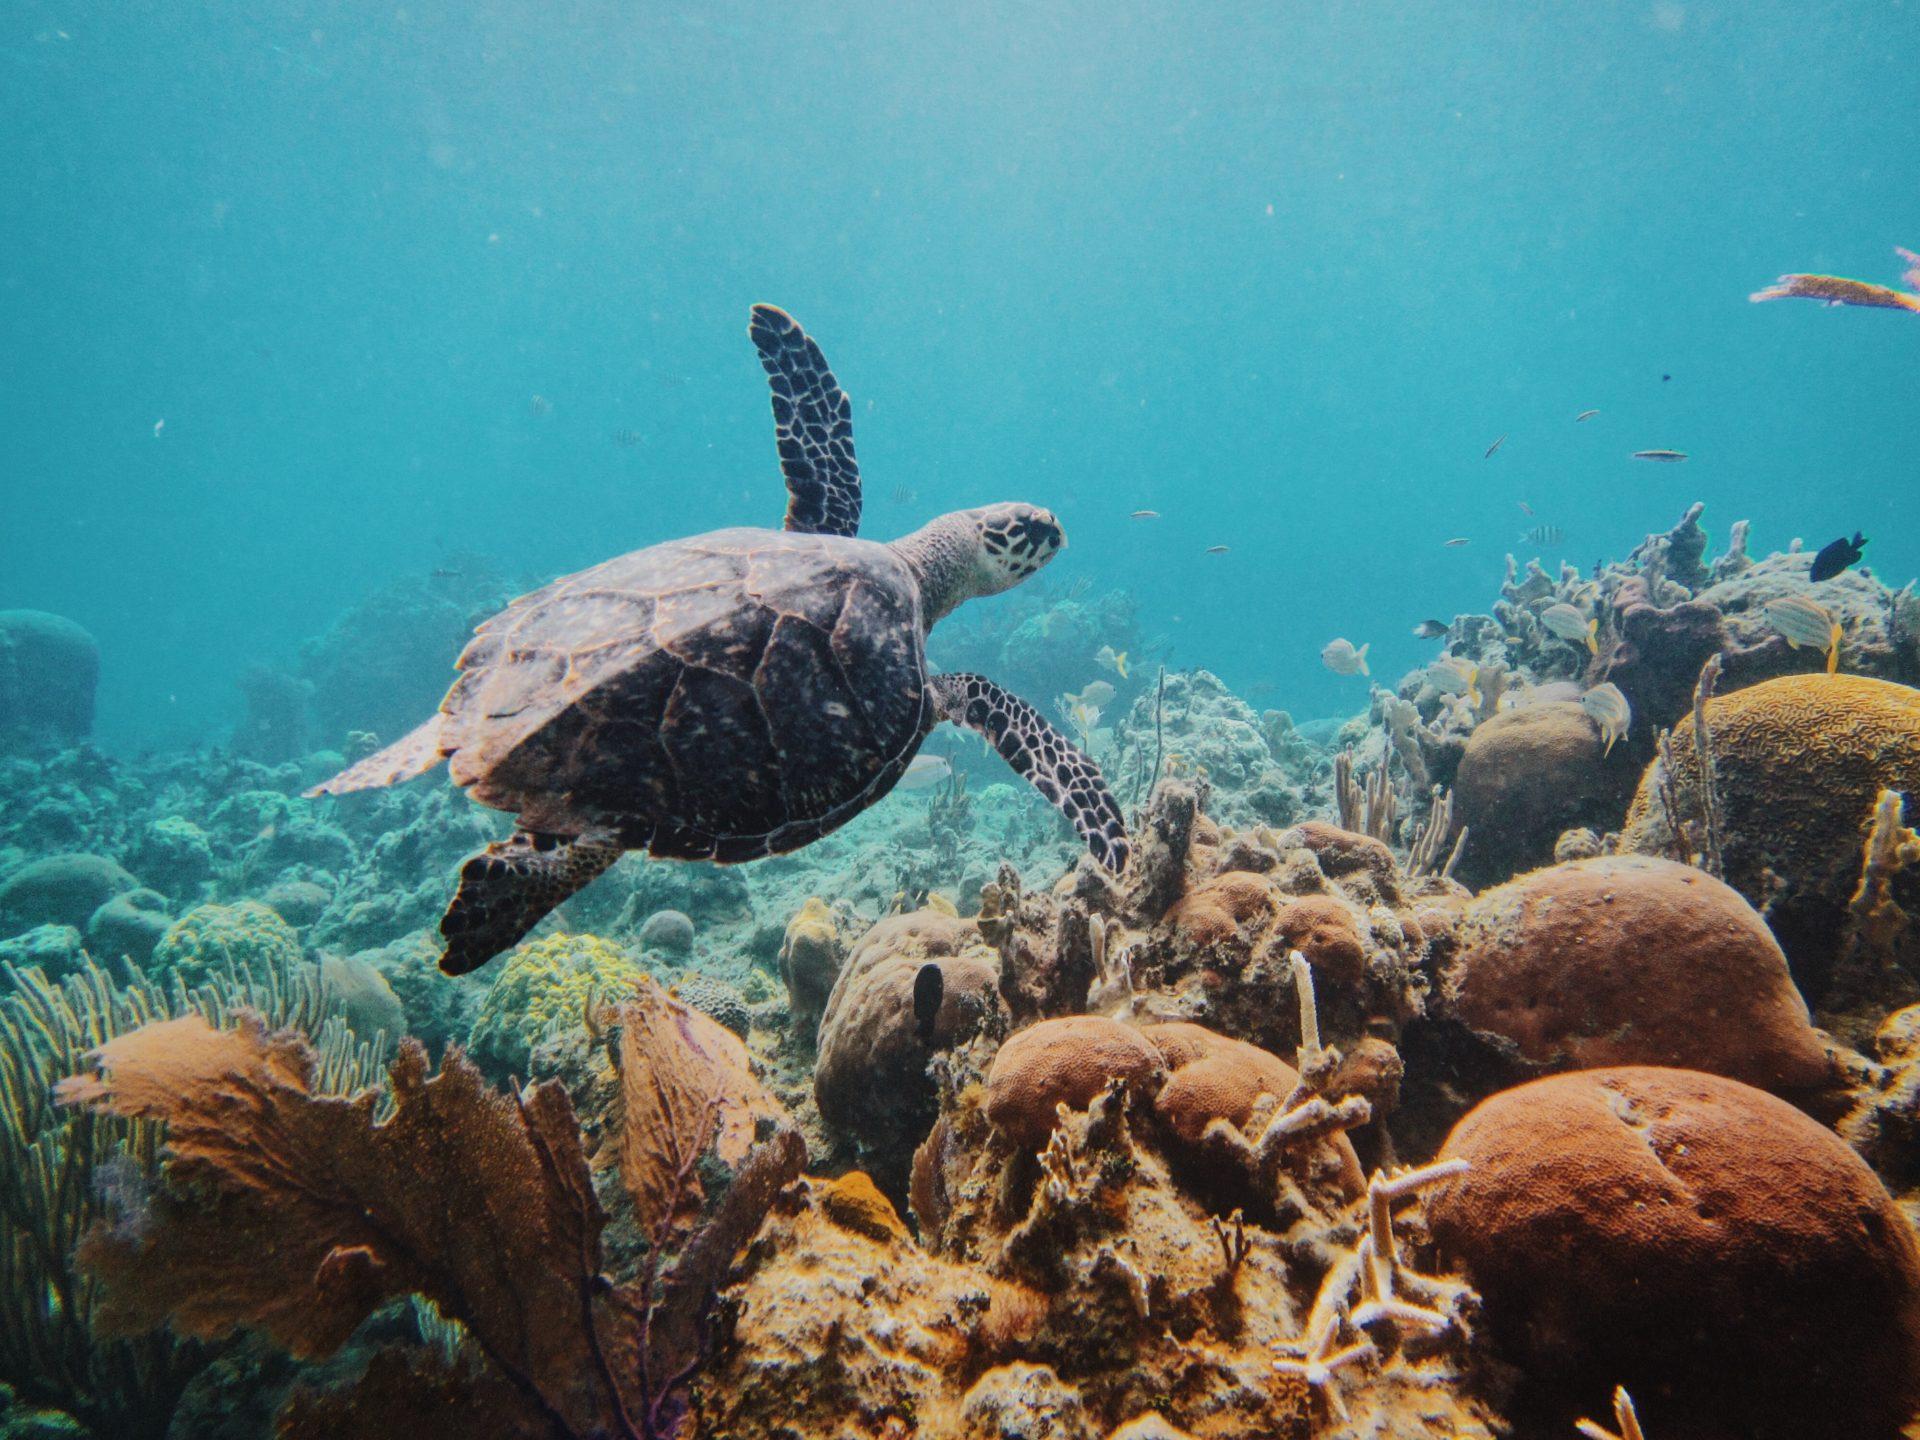 Biodiversità - mare - tartaruga